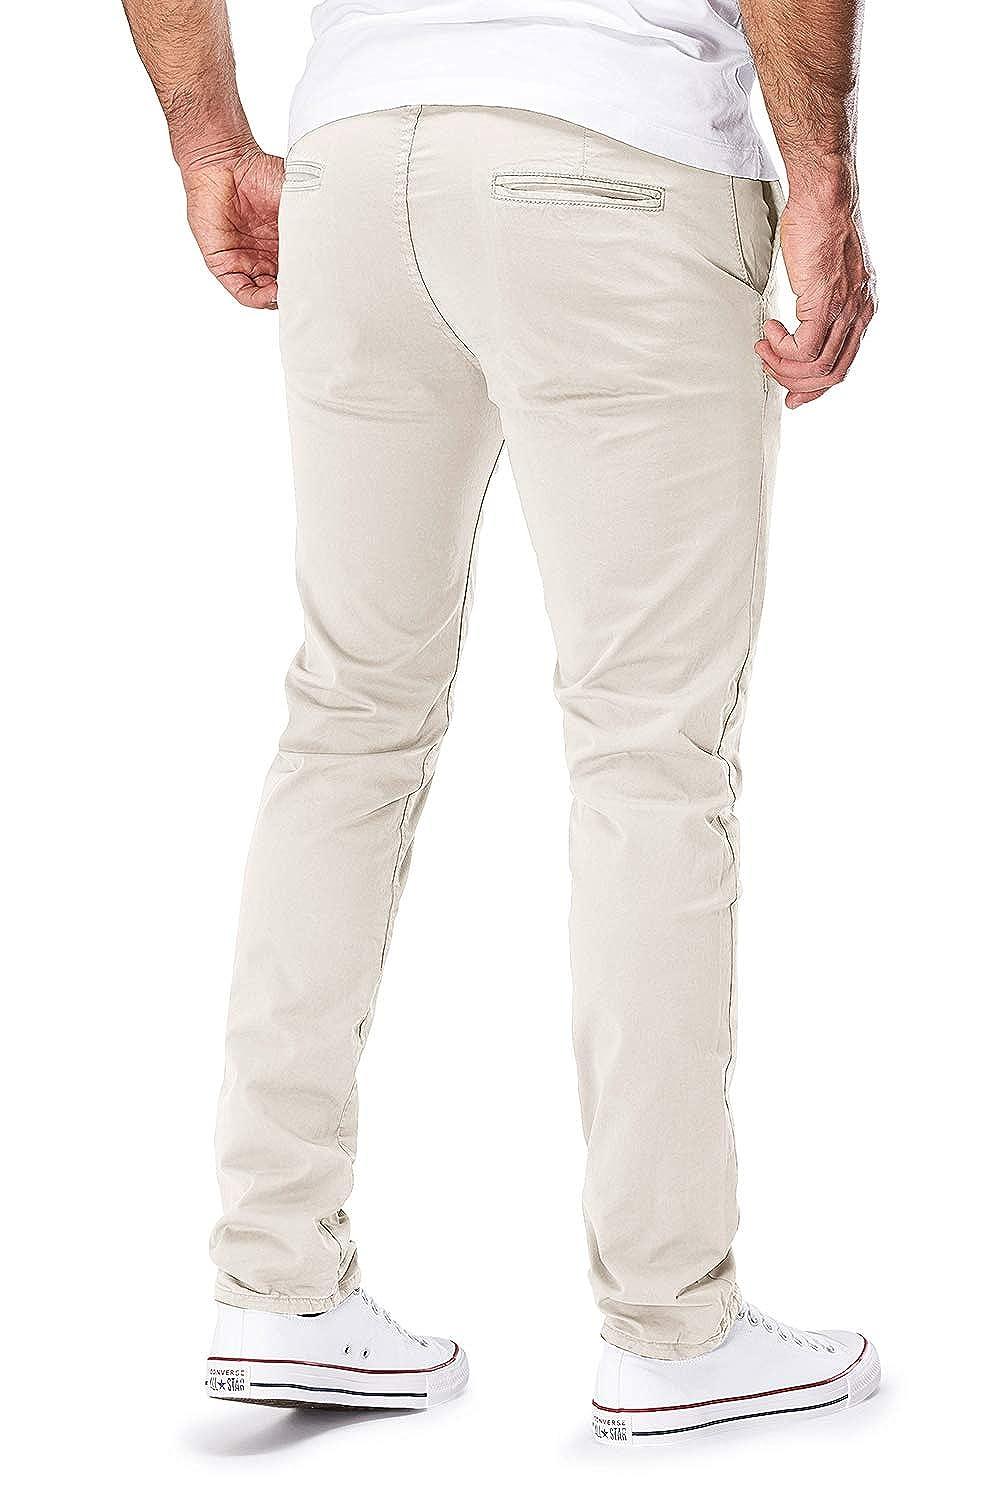 5d66e7e18227af Merish Uomo Pantaloni Chino Cotone Jeans Pantaloni Casual Pantaloni  Figura-sollecitato Diversi Colori, Modell 168: Amazon.it: Abbigliamento